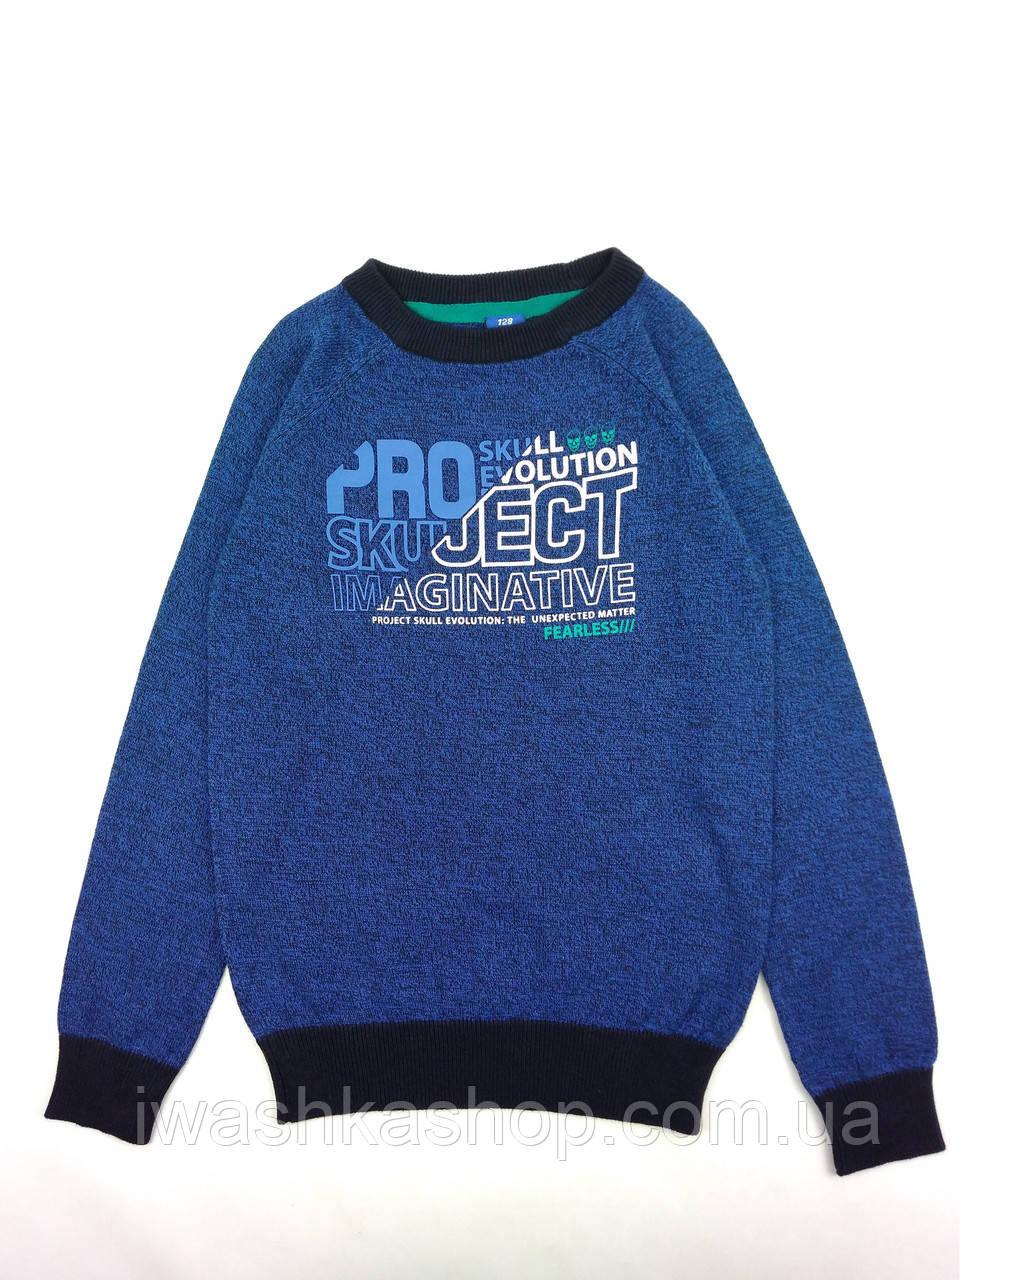 Синий джемпер для мальчика 10 - 12 лет, размер 146 - 152, Y.F.K